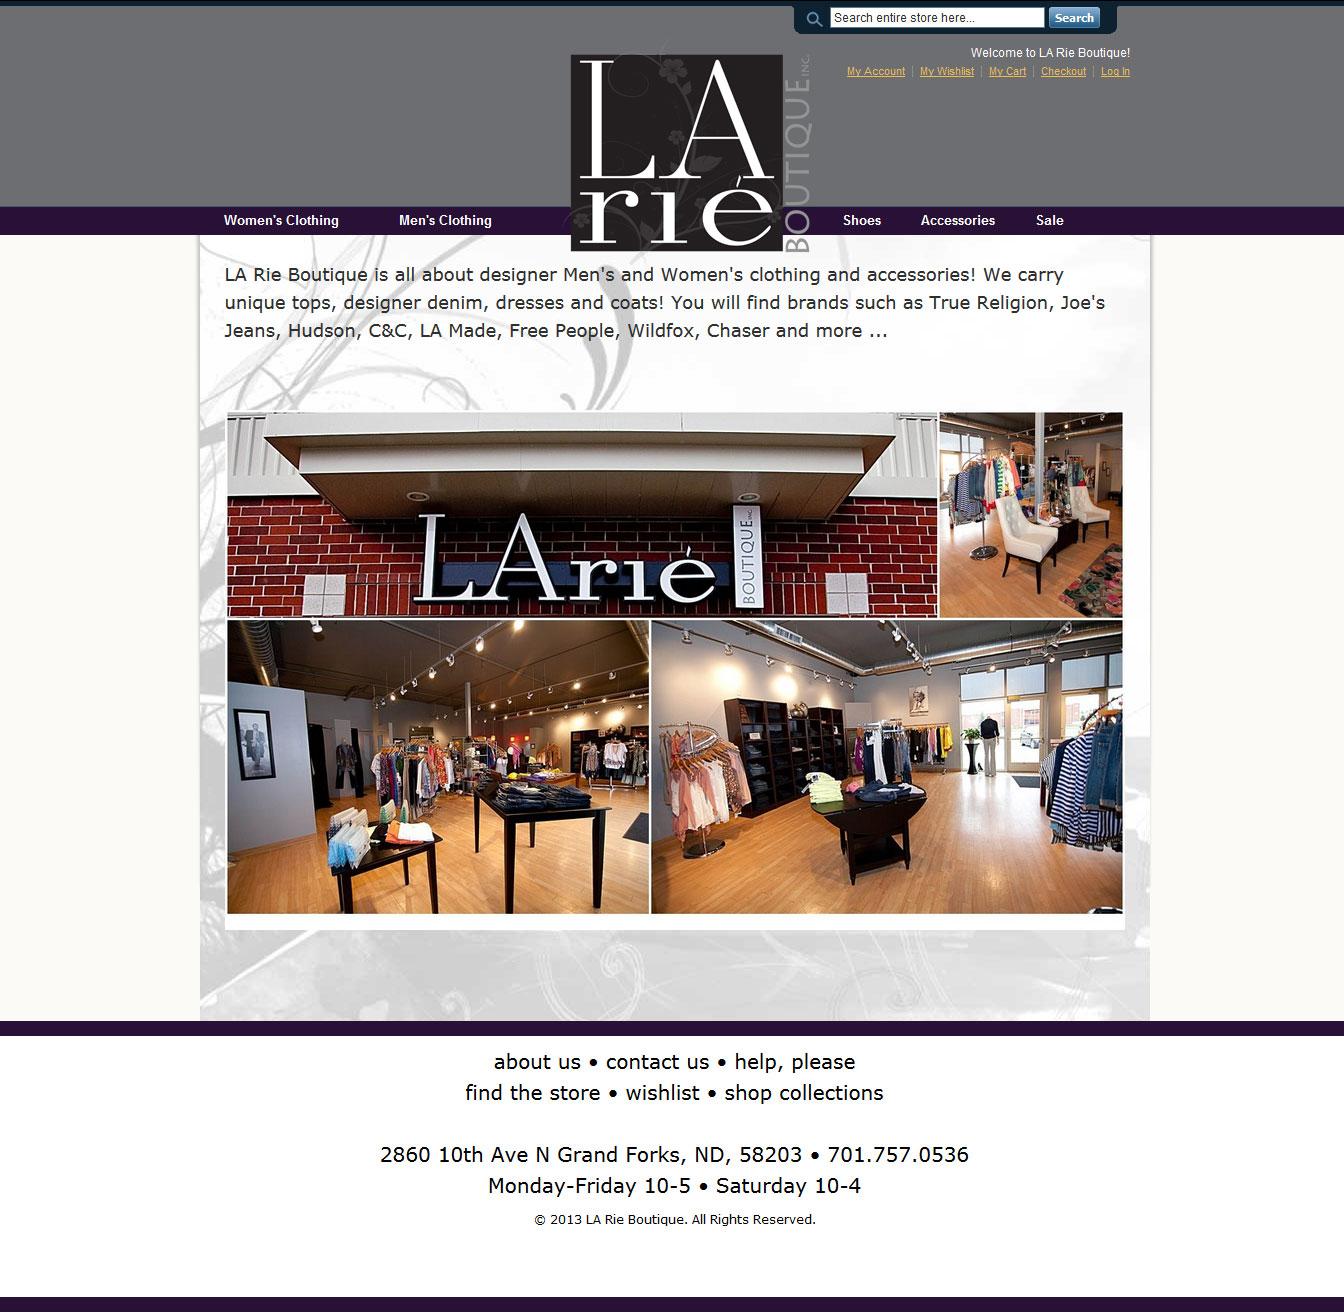 LARieBoutique.com